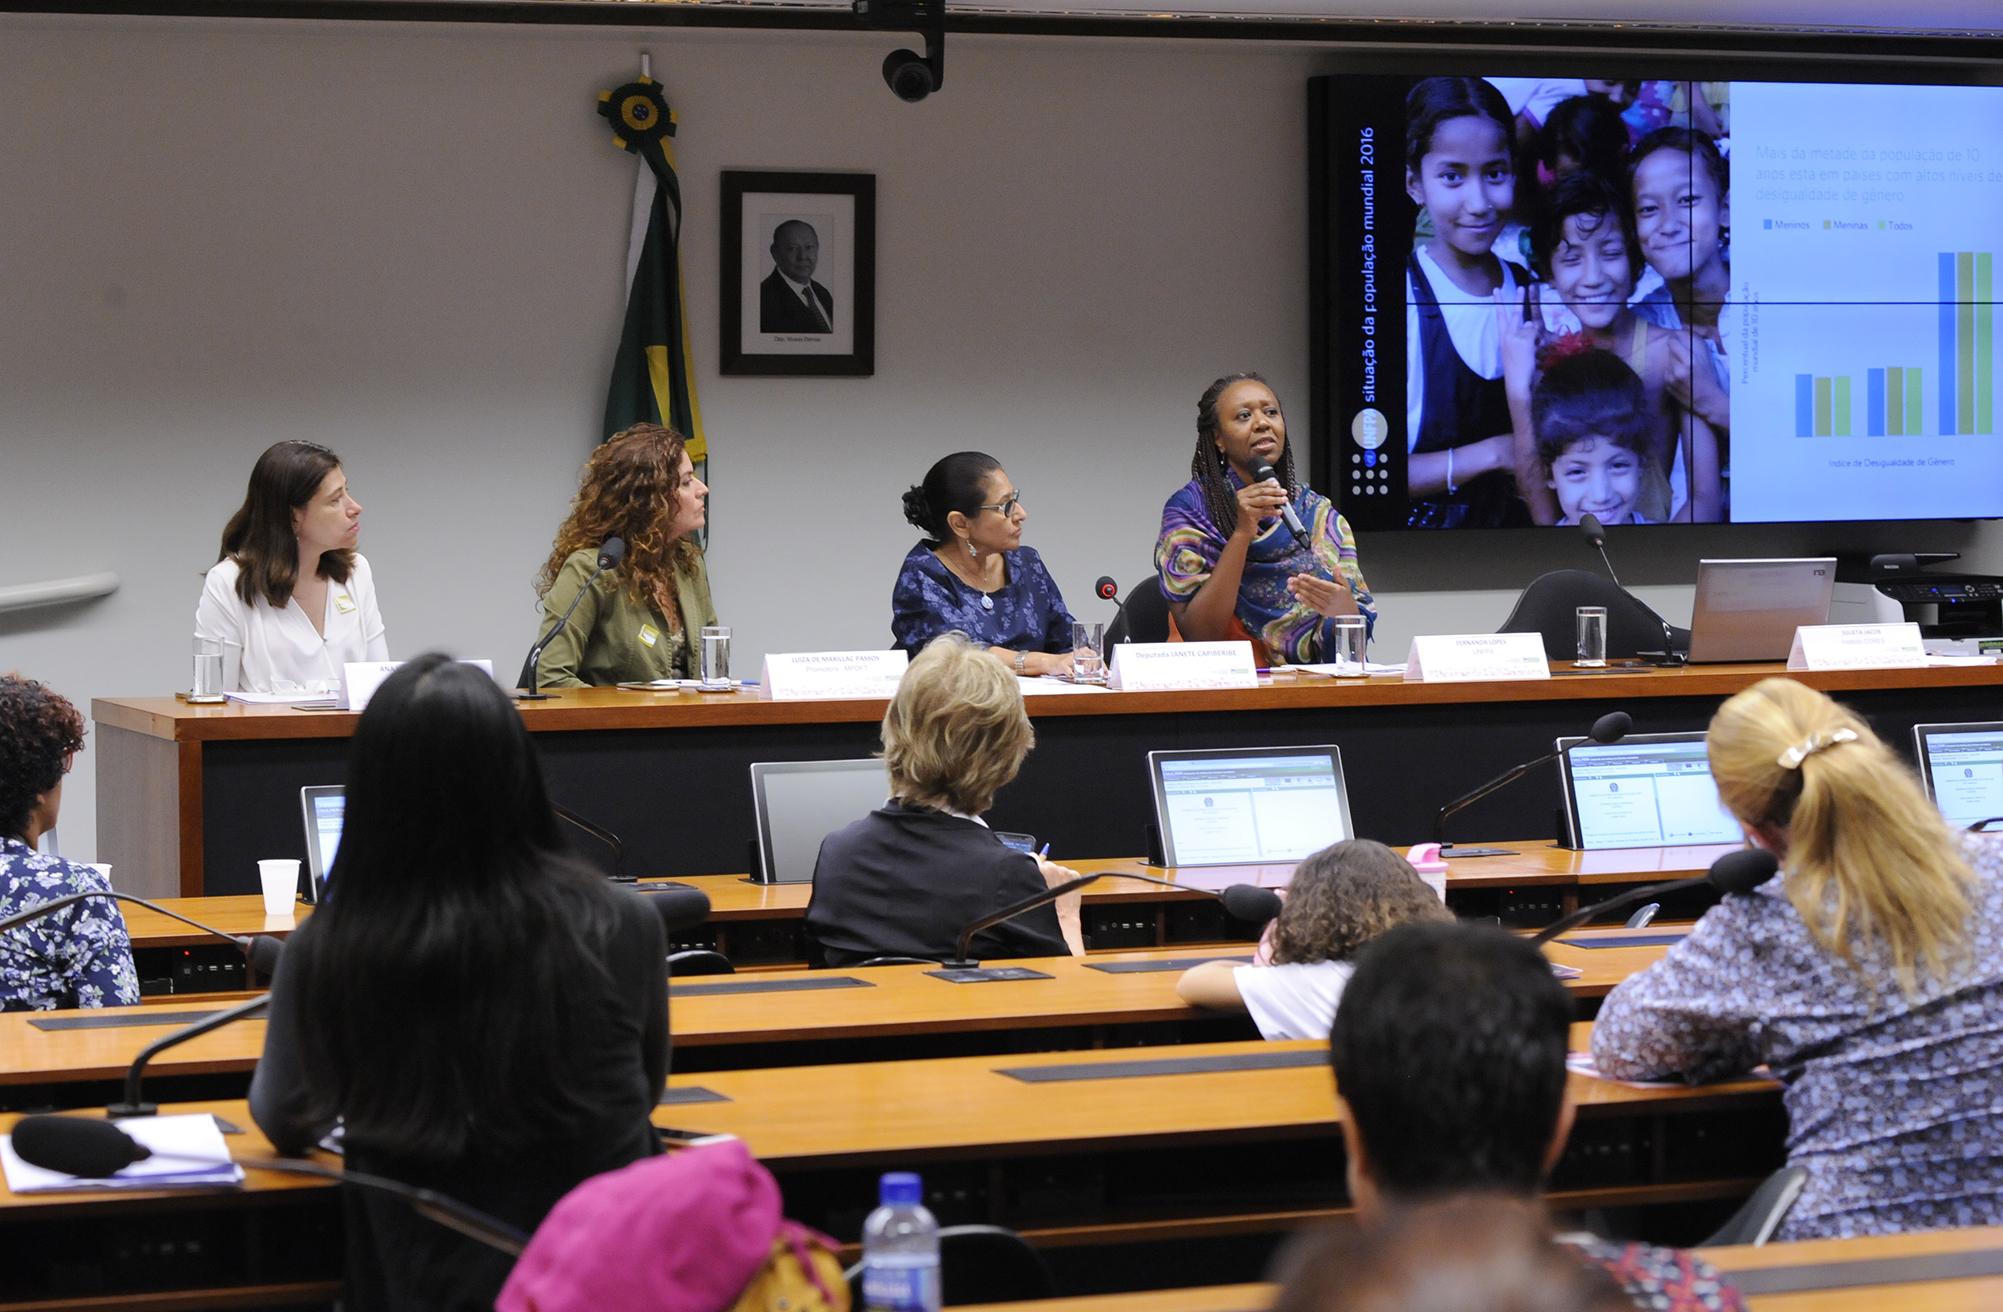 Audiência pública para Proteger as meninas no presente para empoderar as mulheres do futuro